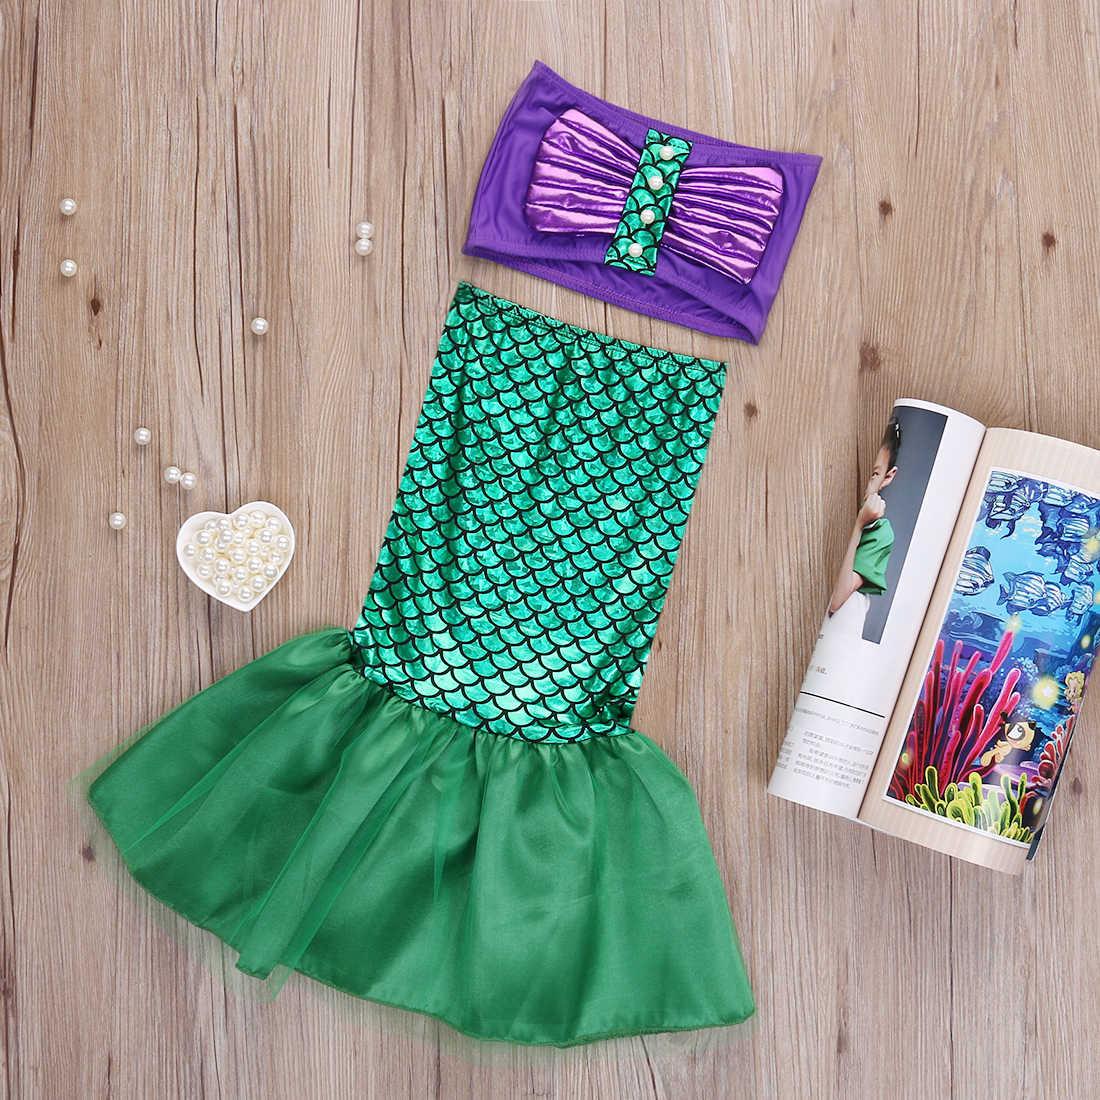 Новинка 2018 года; Костюм Русалки для маленьких девочек; купальник в форме русалки; Купальник; платье принцессы; От 2 до 7 лет